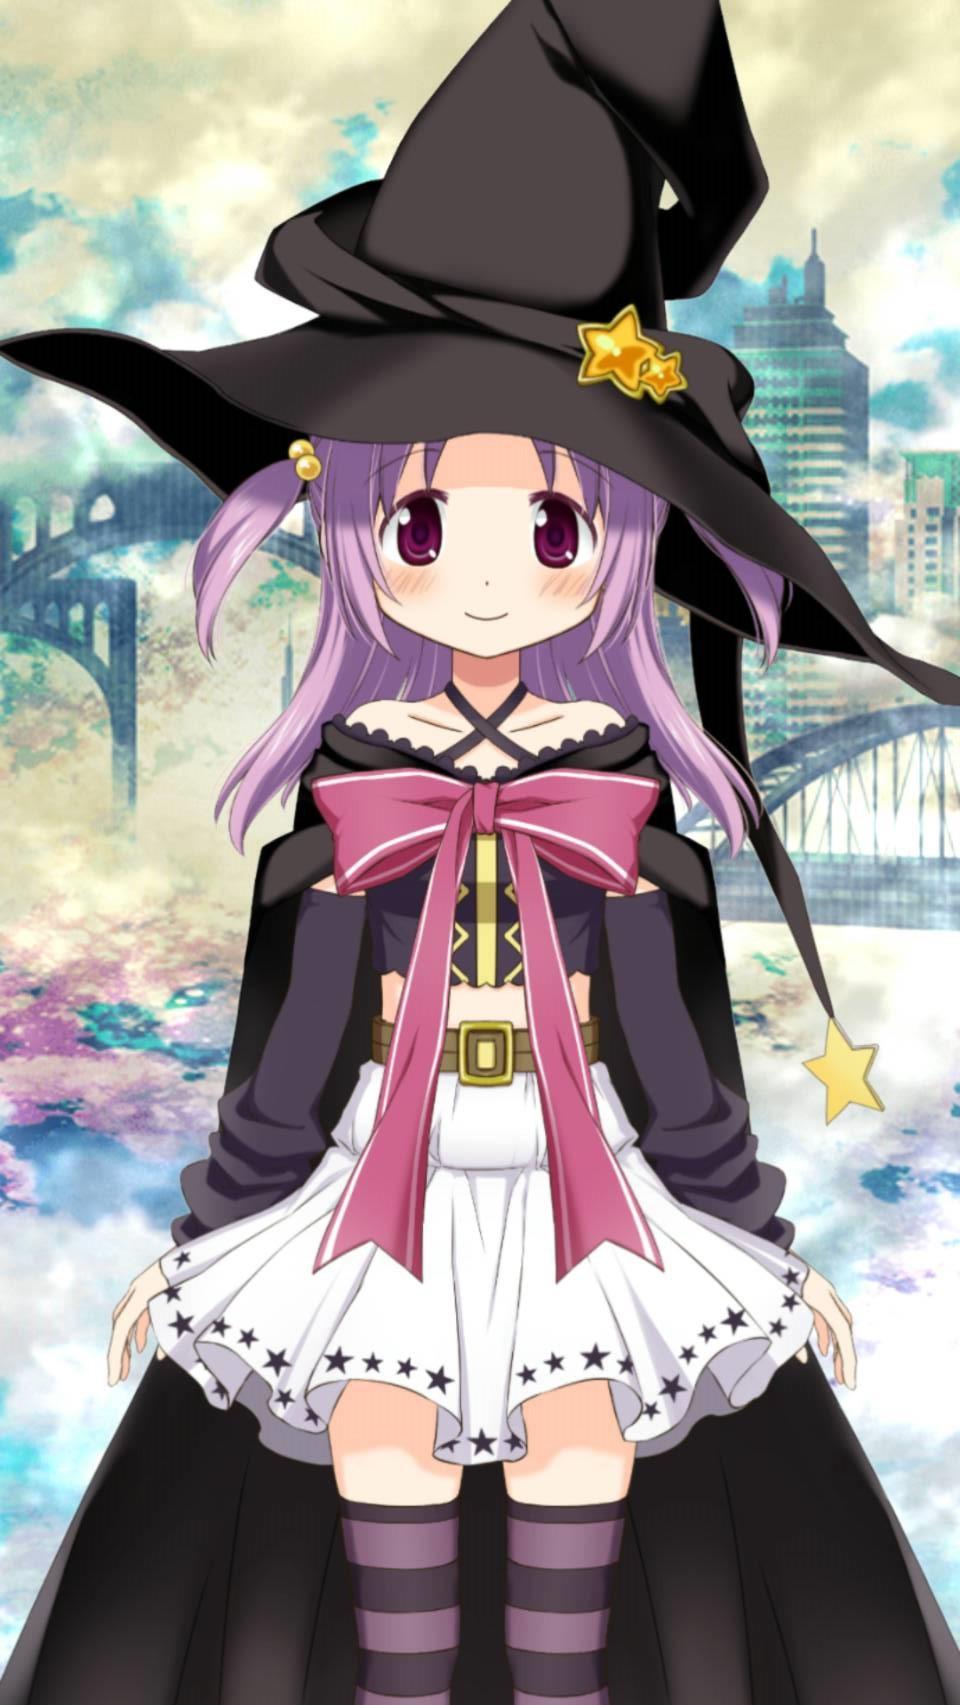 御園かりんホーム画像魔法少女.jpg